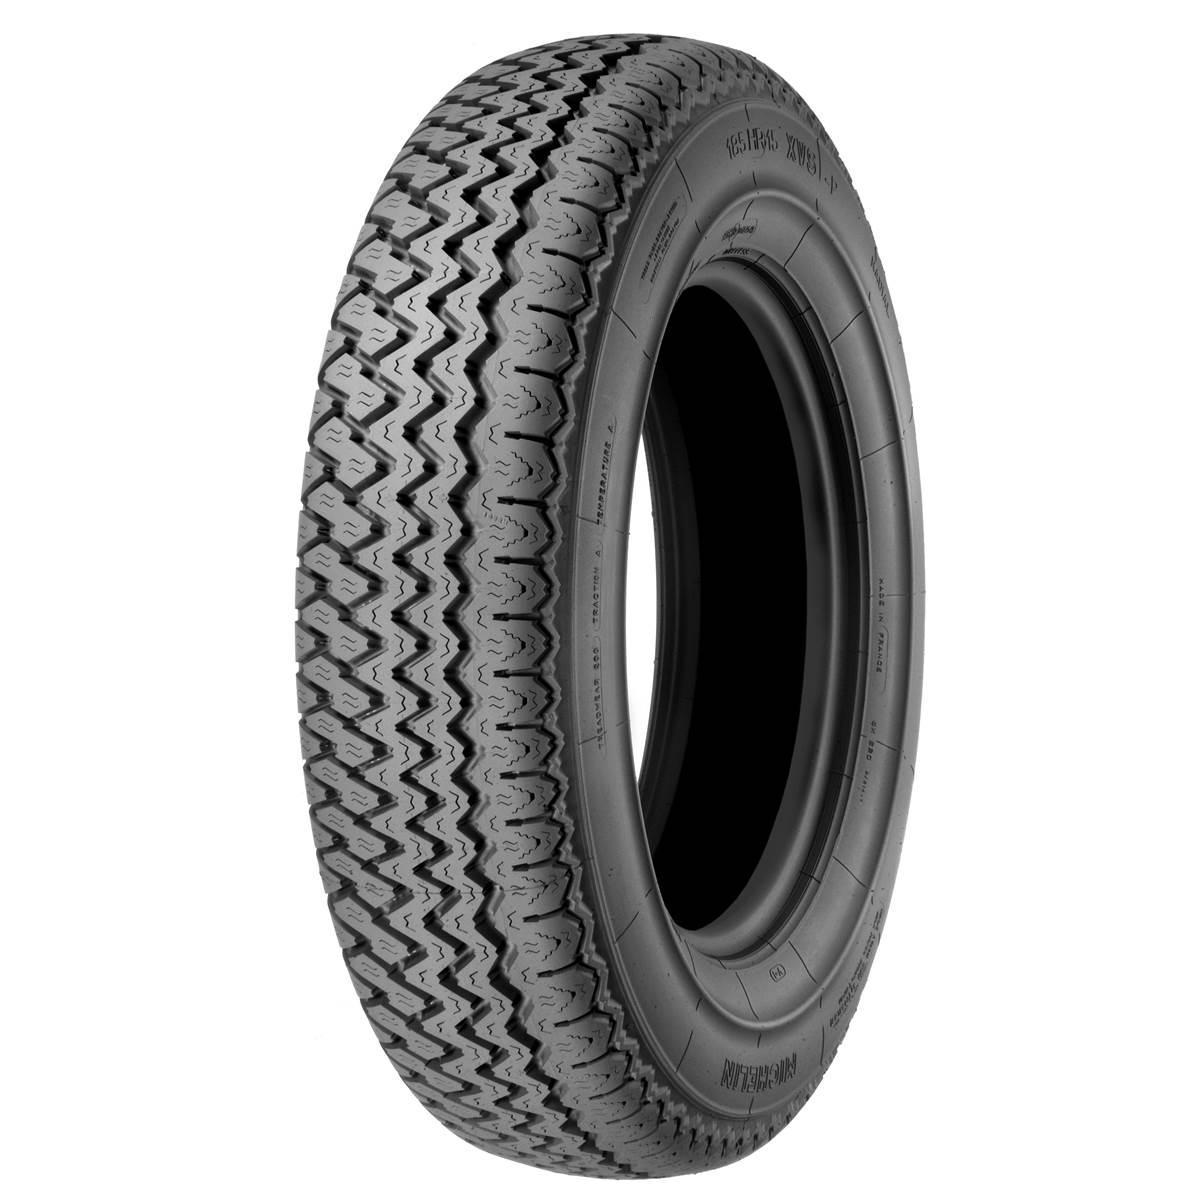 Pneu Michelin Collection 185/80R15 93V Xvs